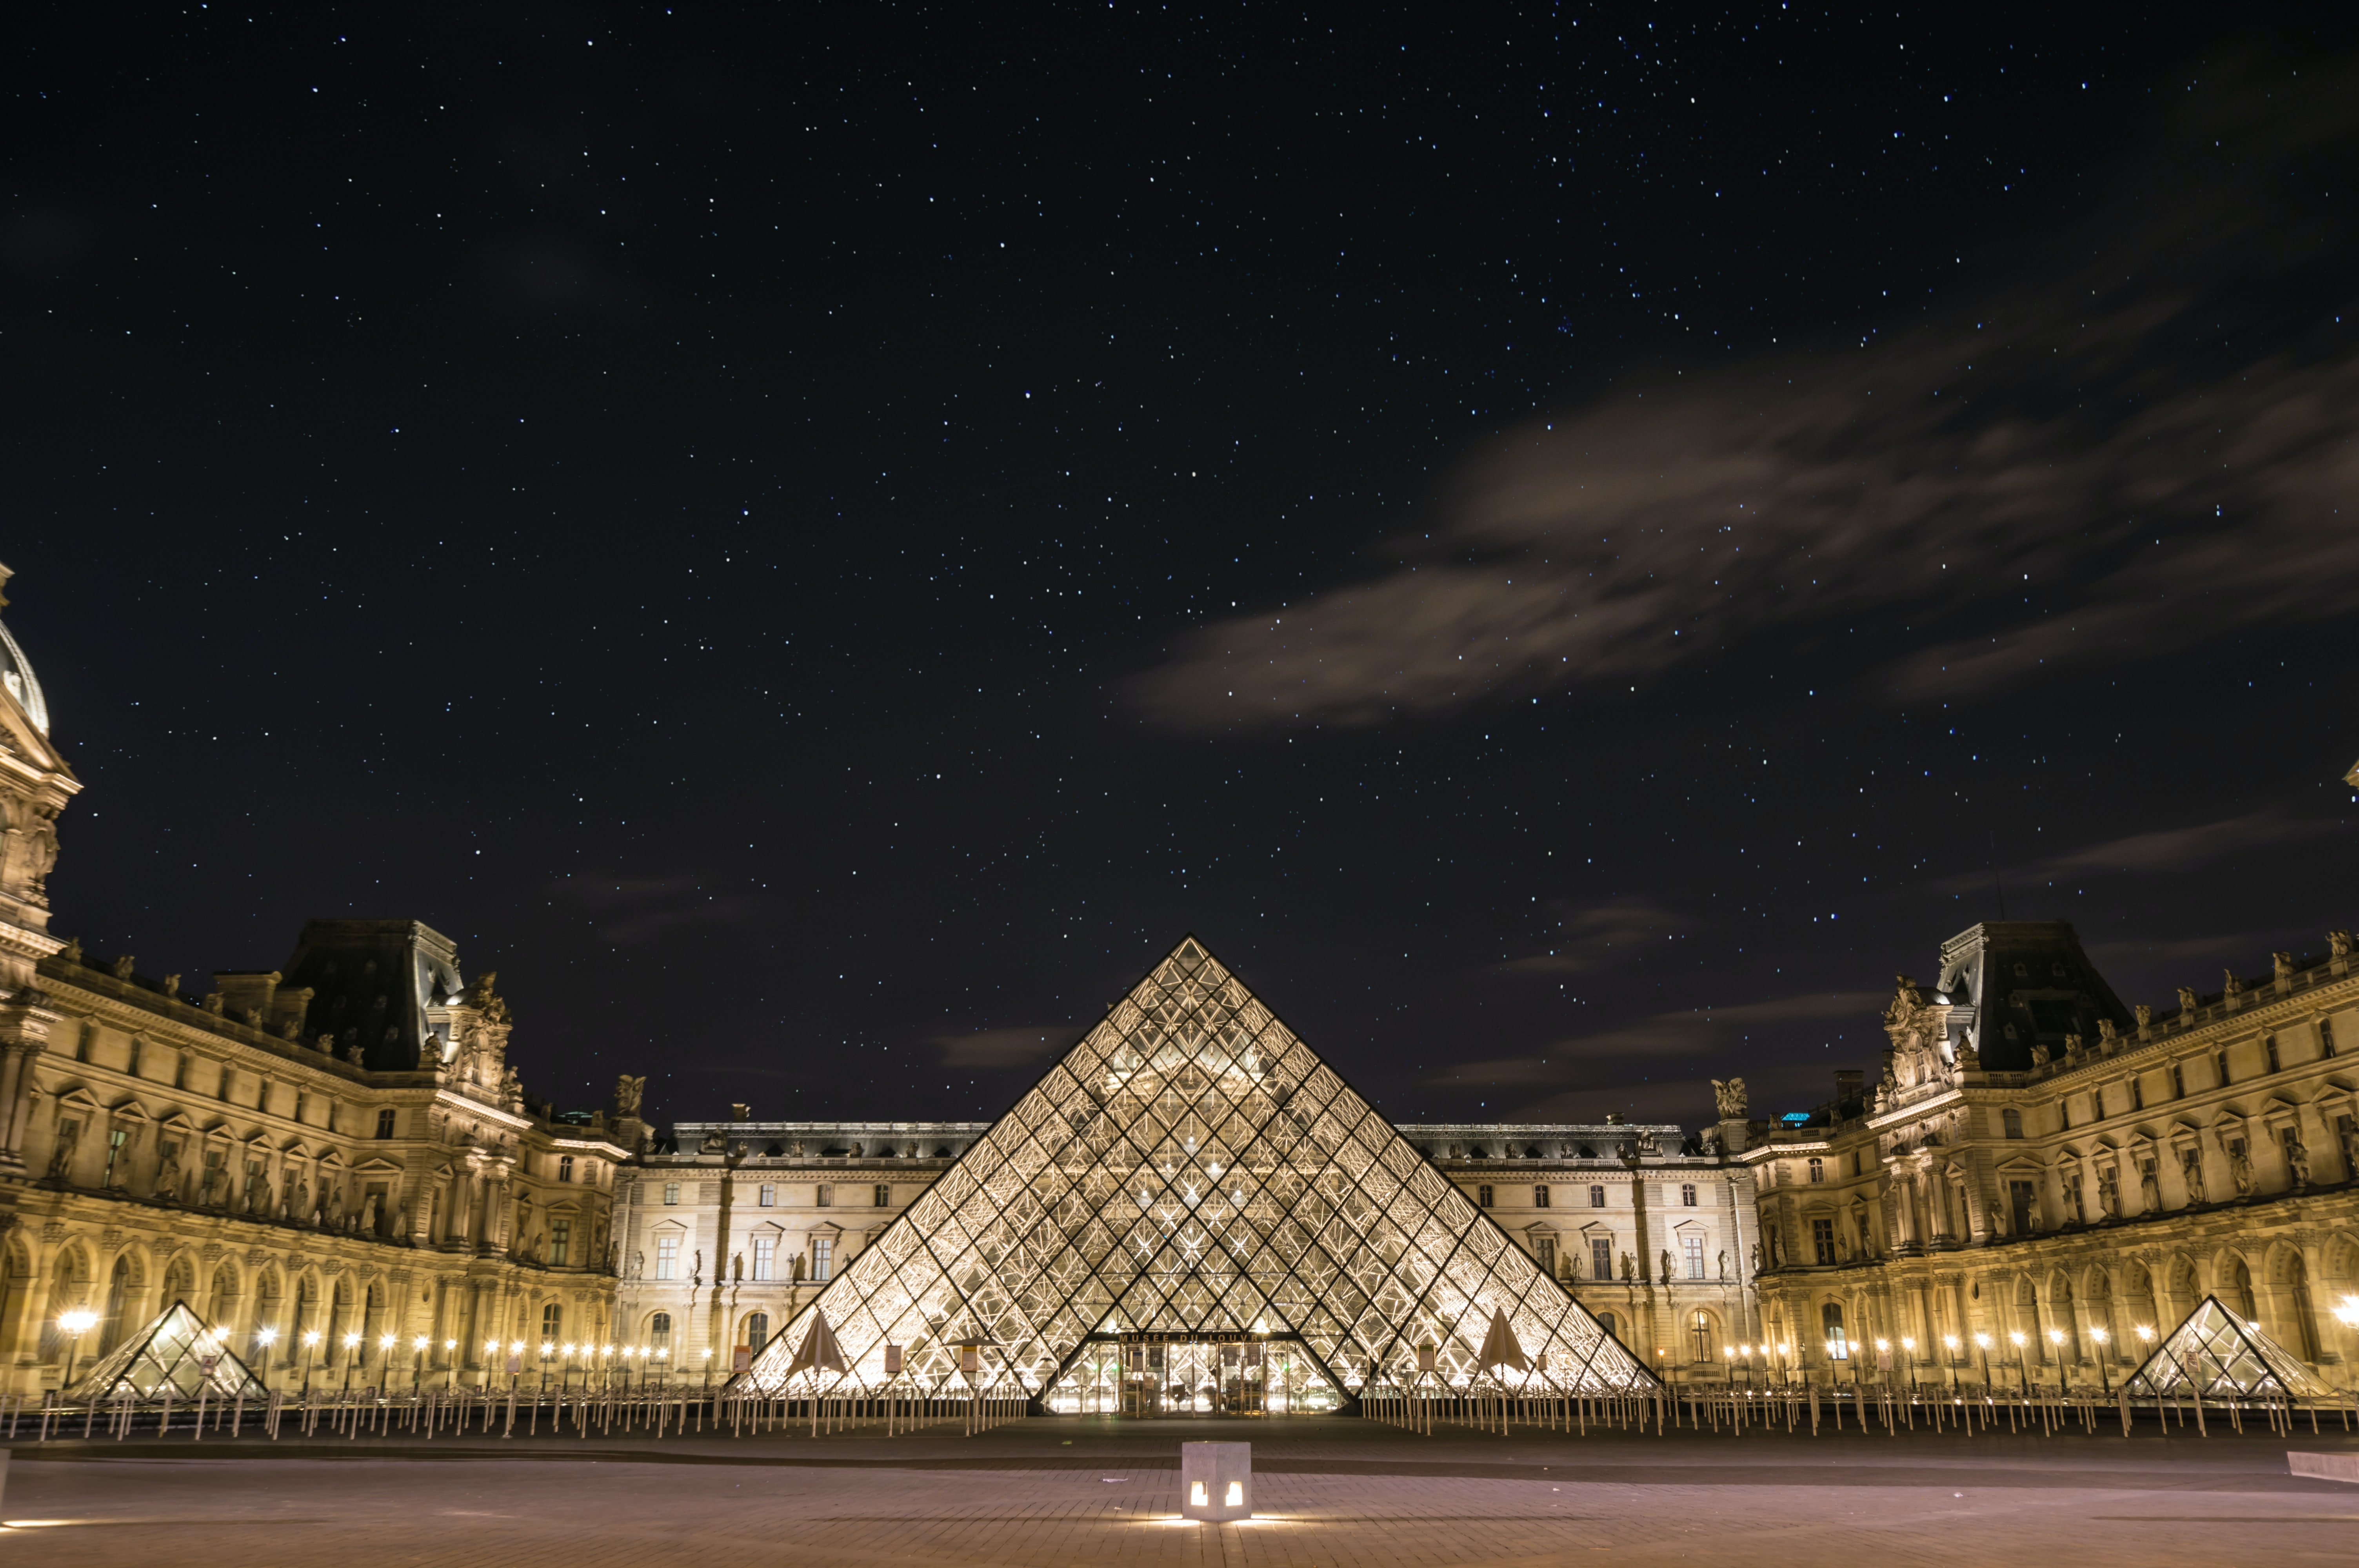 the Louvre, 15 romantic places to visit in Paris